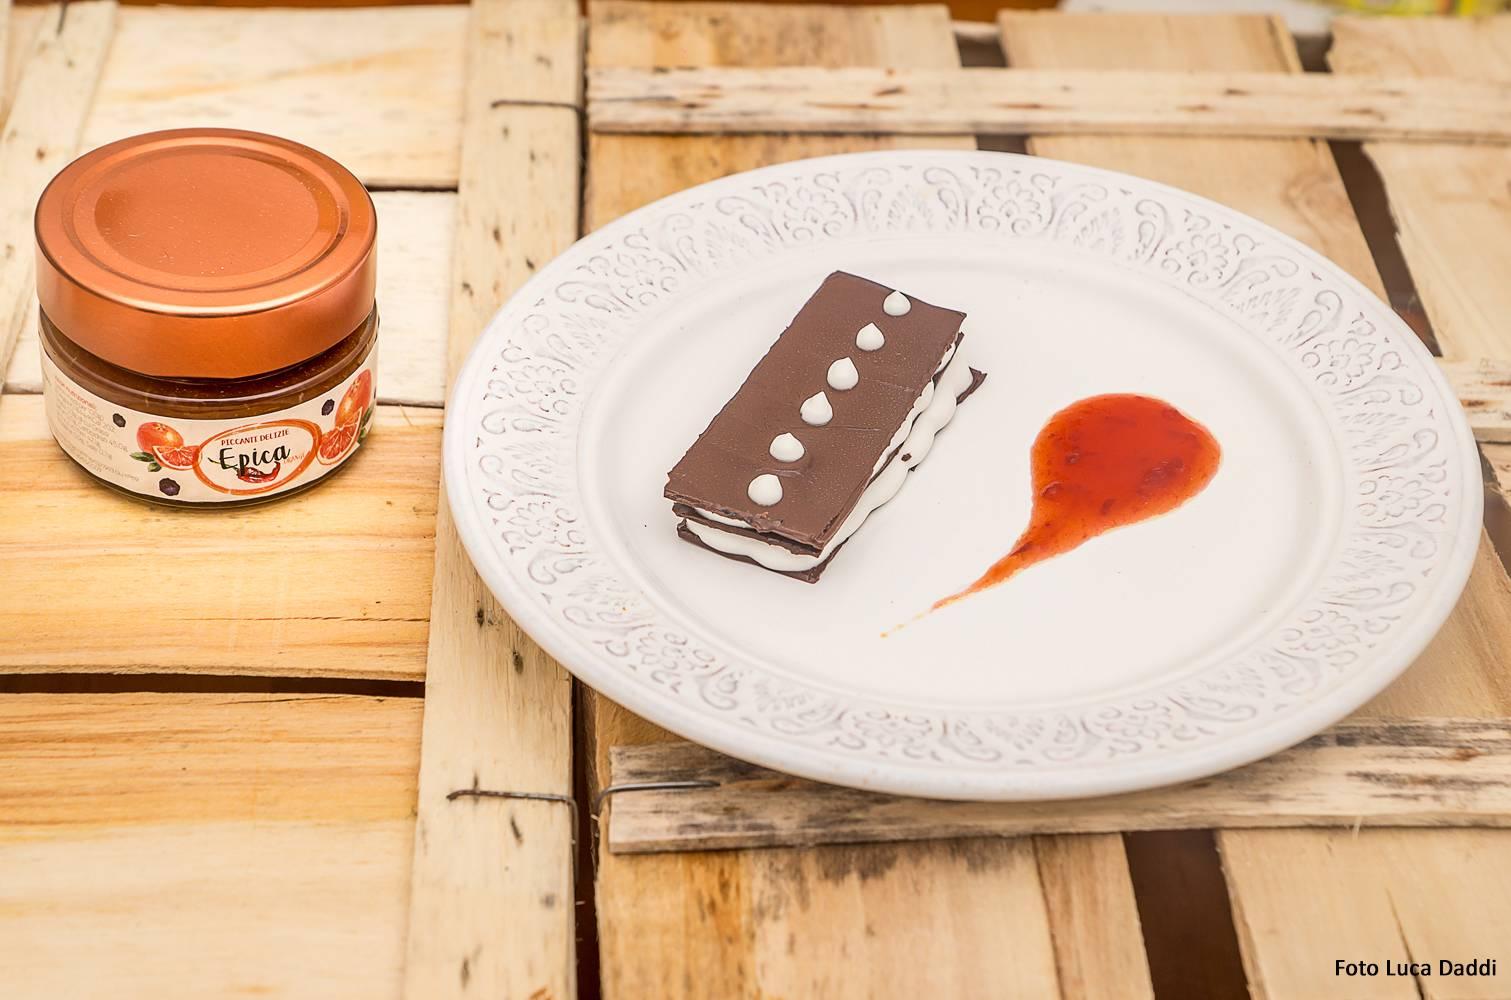 Cialde di cioccolato con mousse di ricotta vegetale con Epica Orange